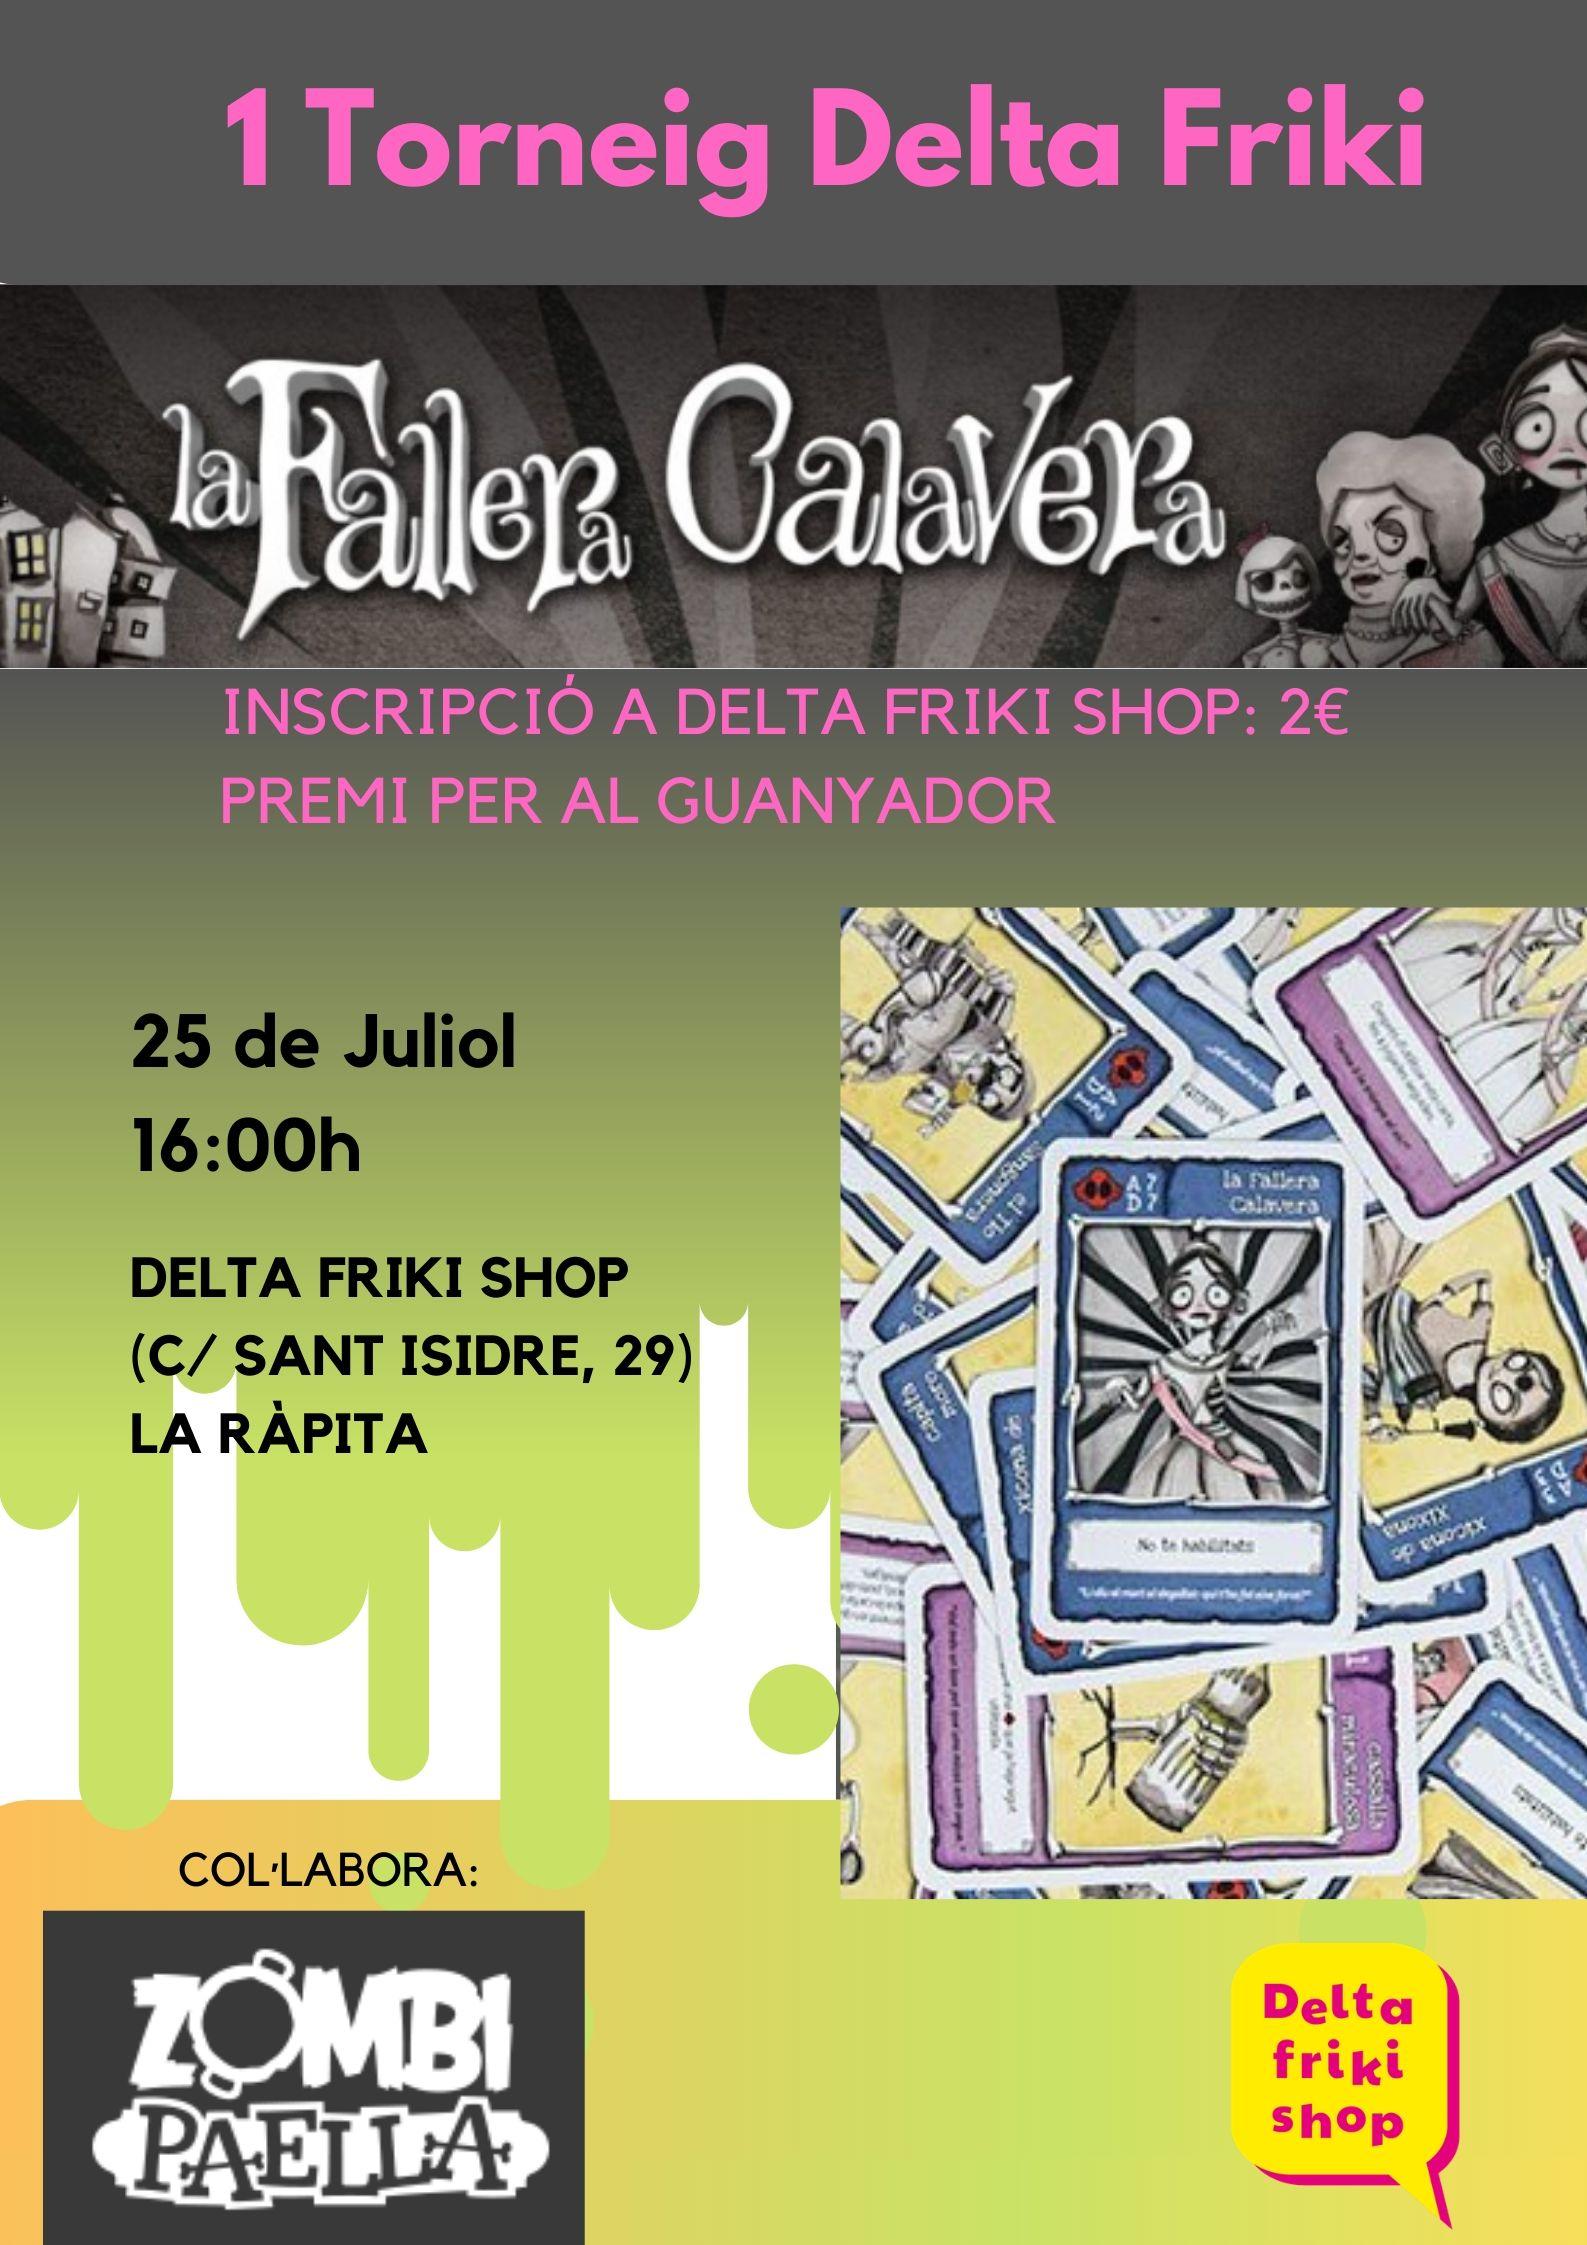 Torneig de La Fallera Calavera a Sant Carles de la Ràpita